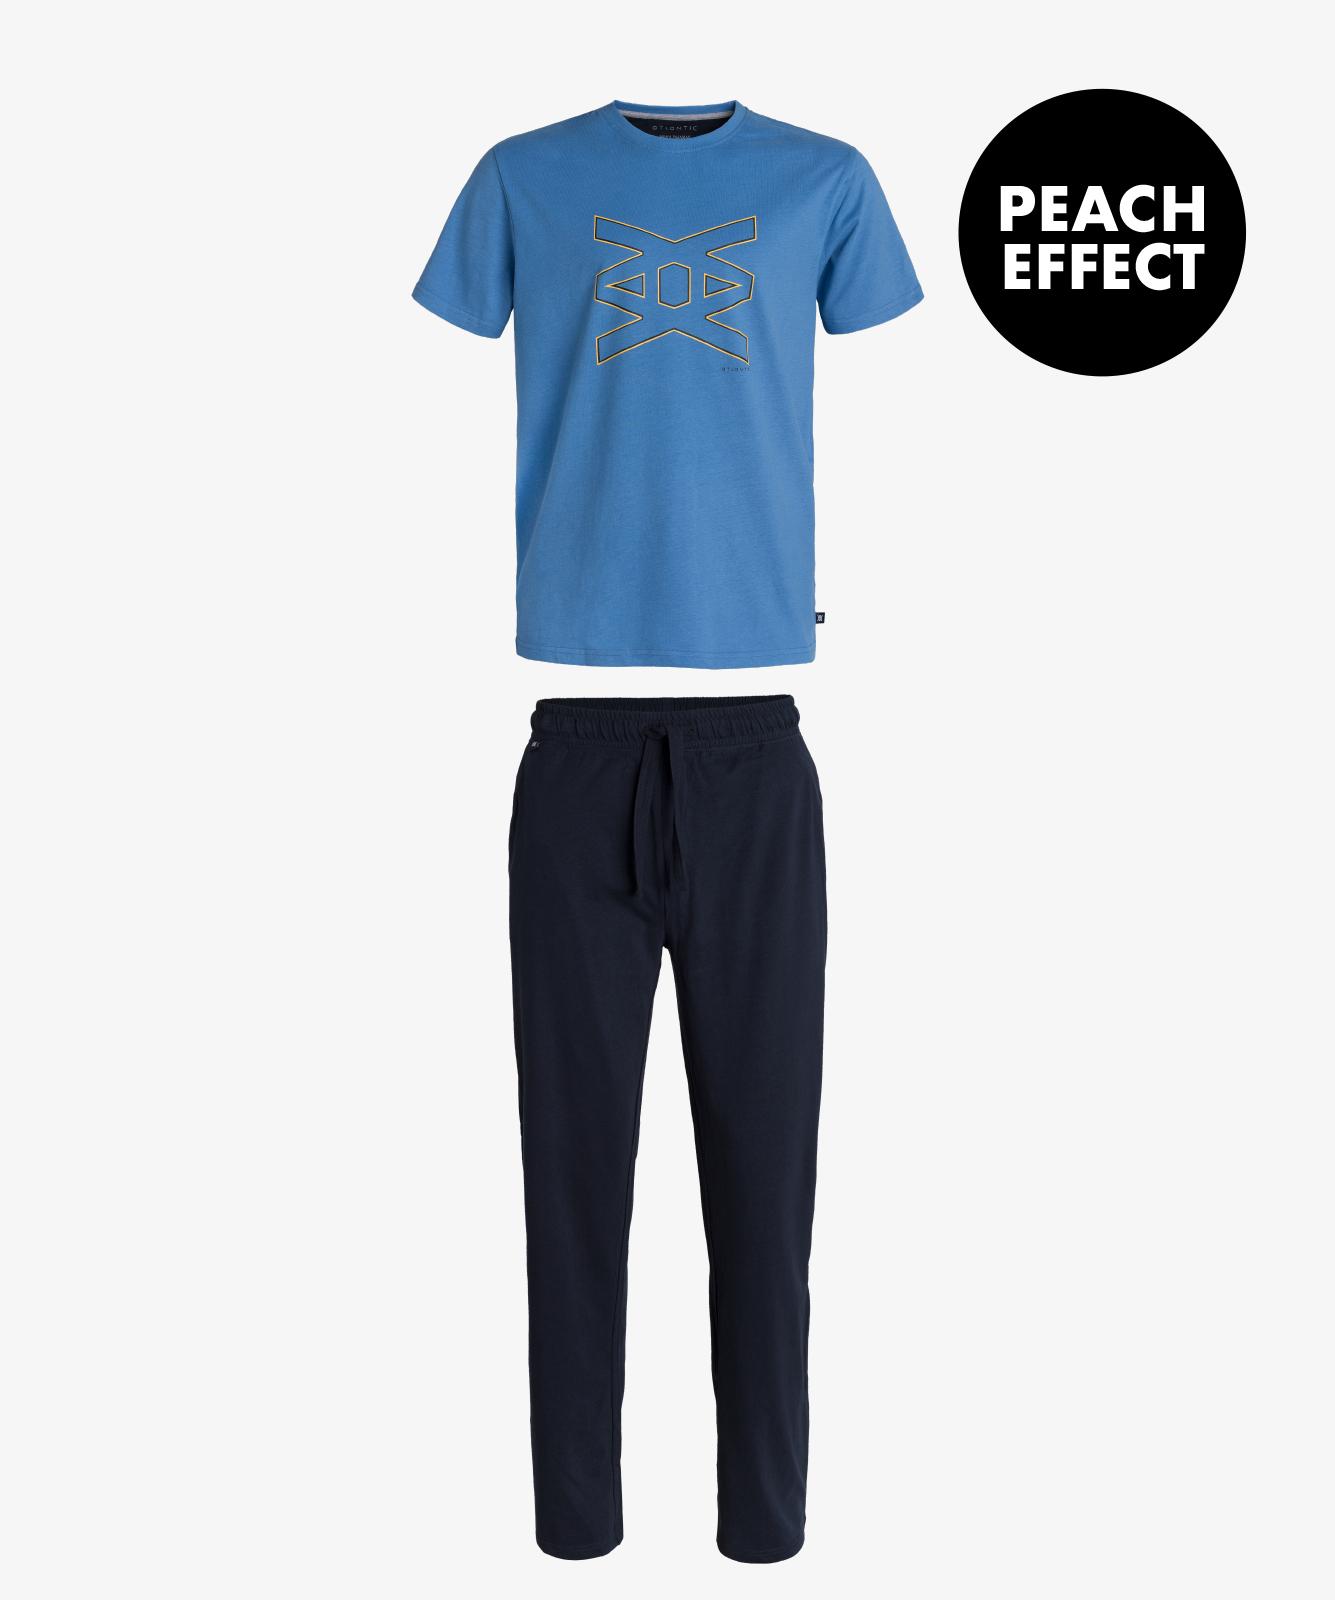 Мужская пижама Atlantic, 1 шт. в уп., хлопок, голубая, NMP-344